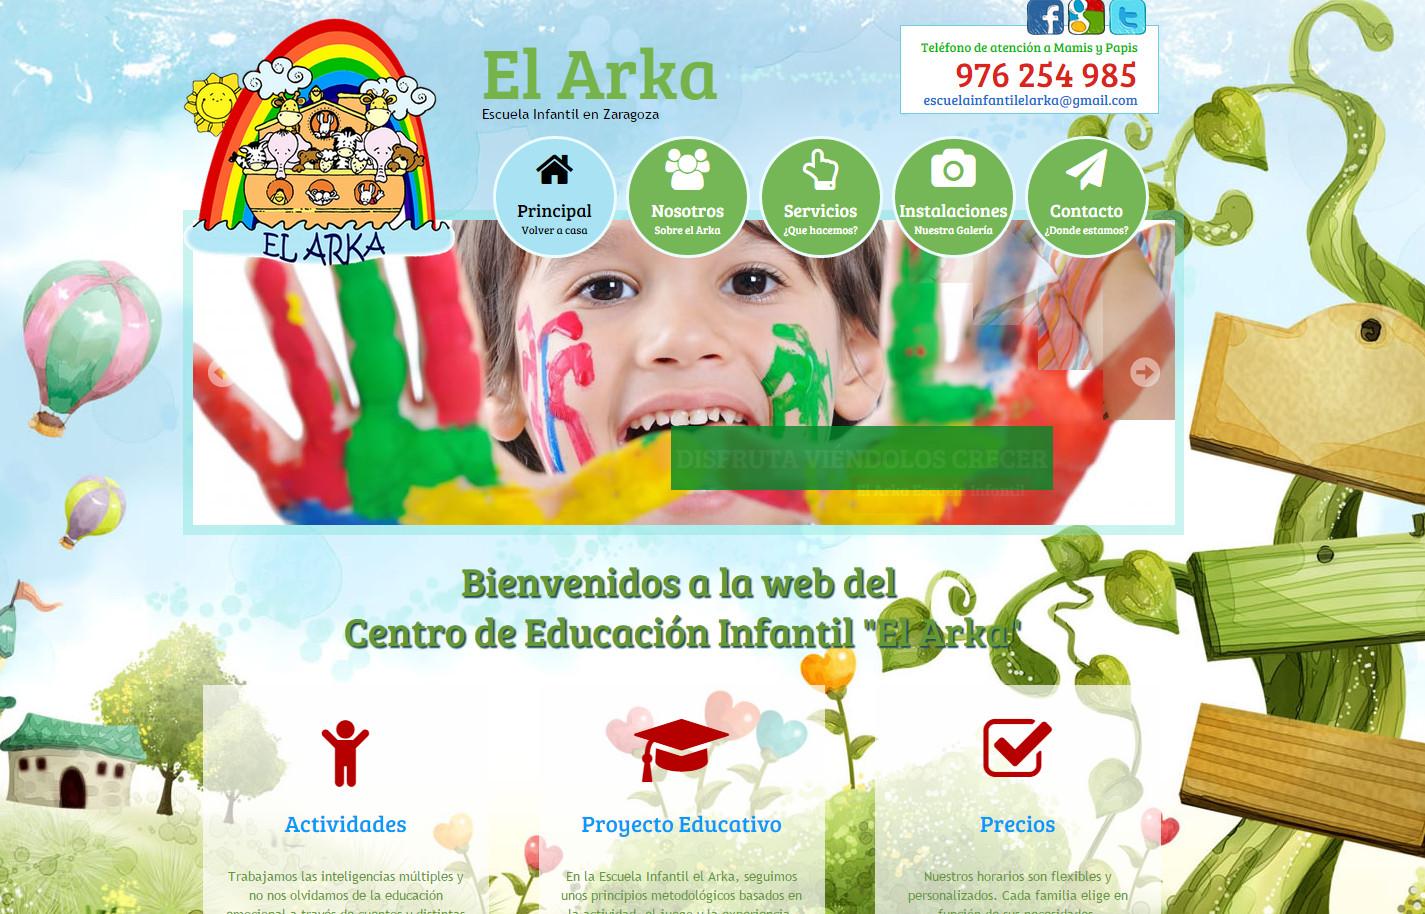 ElArka